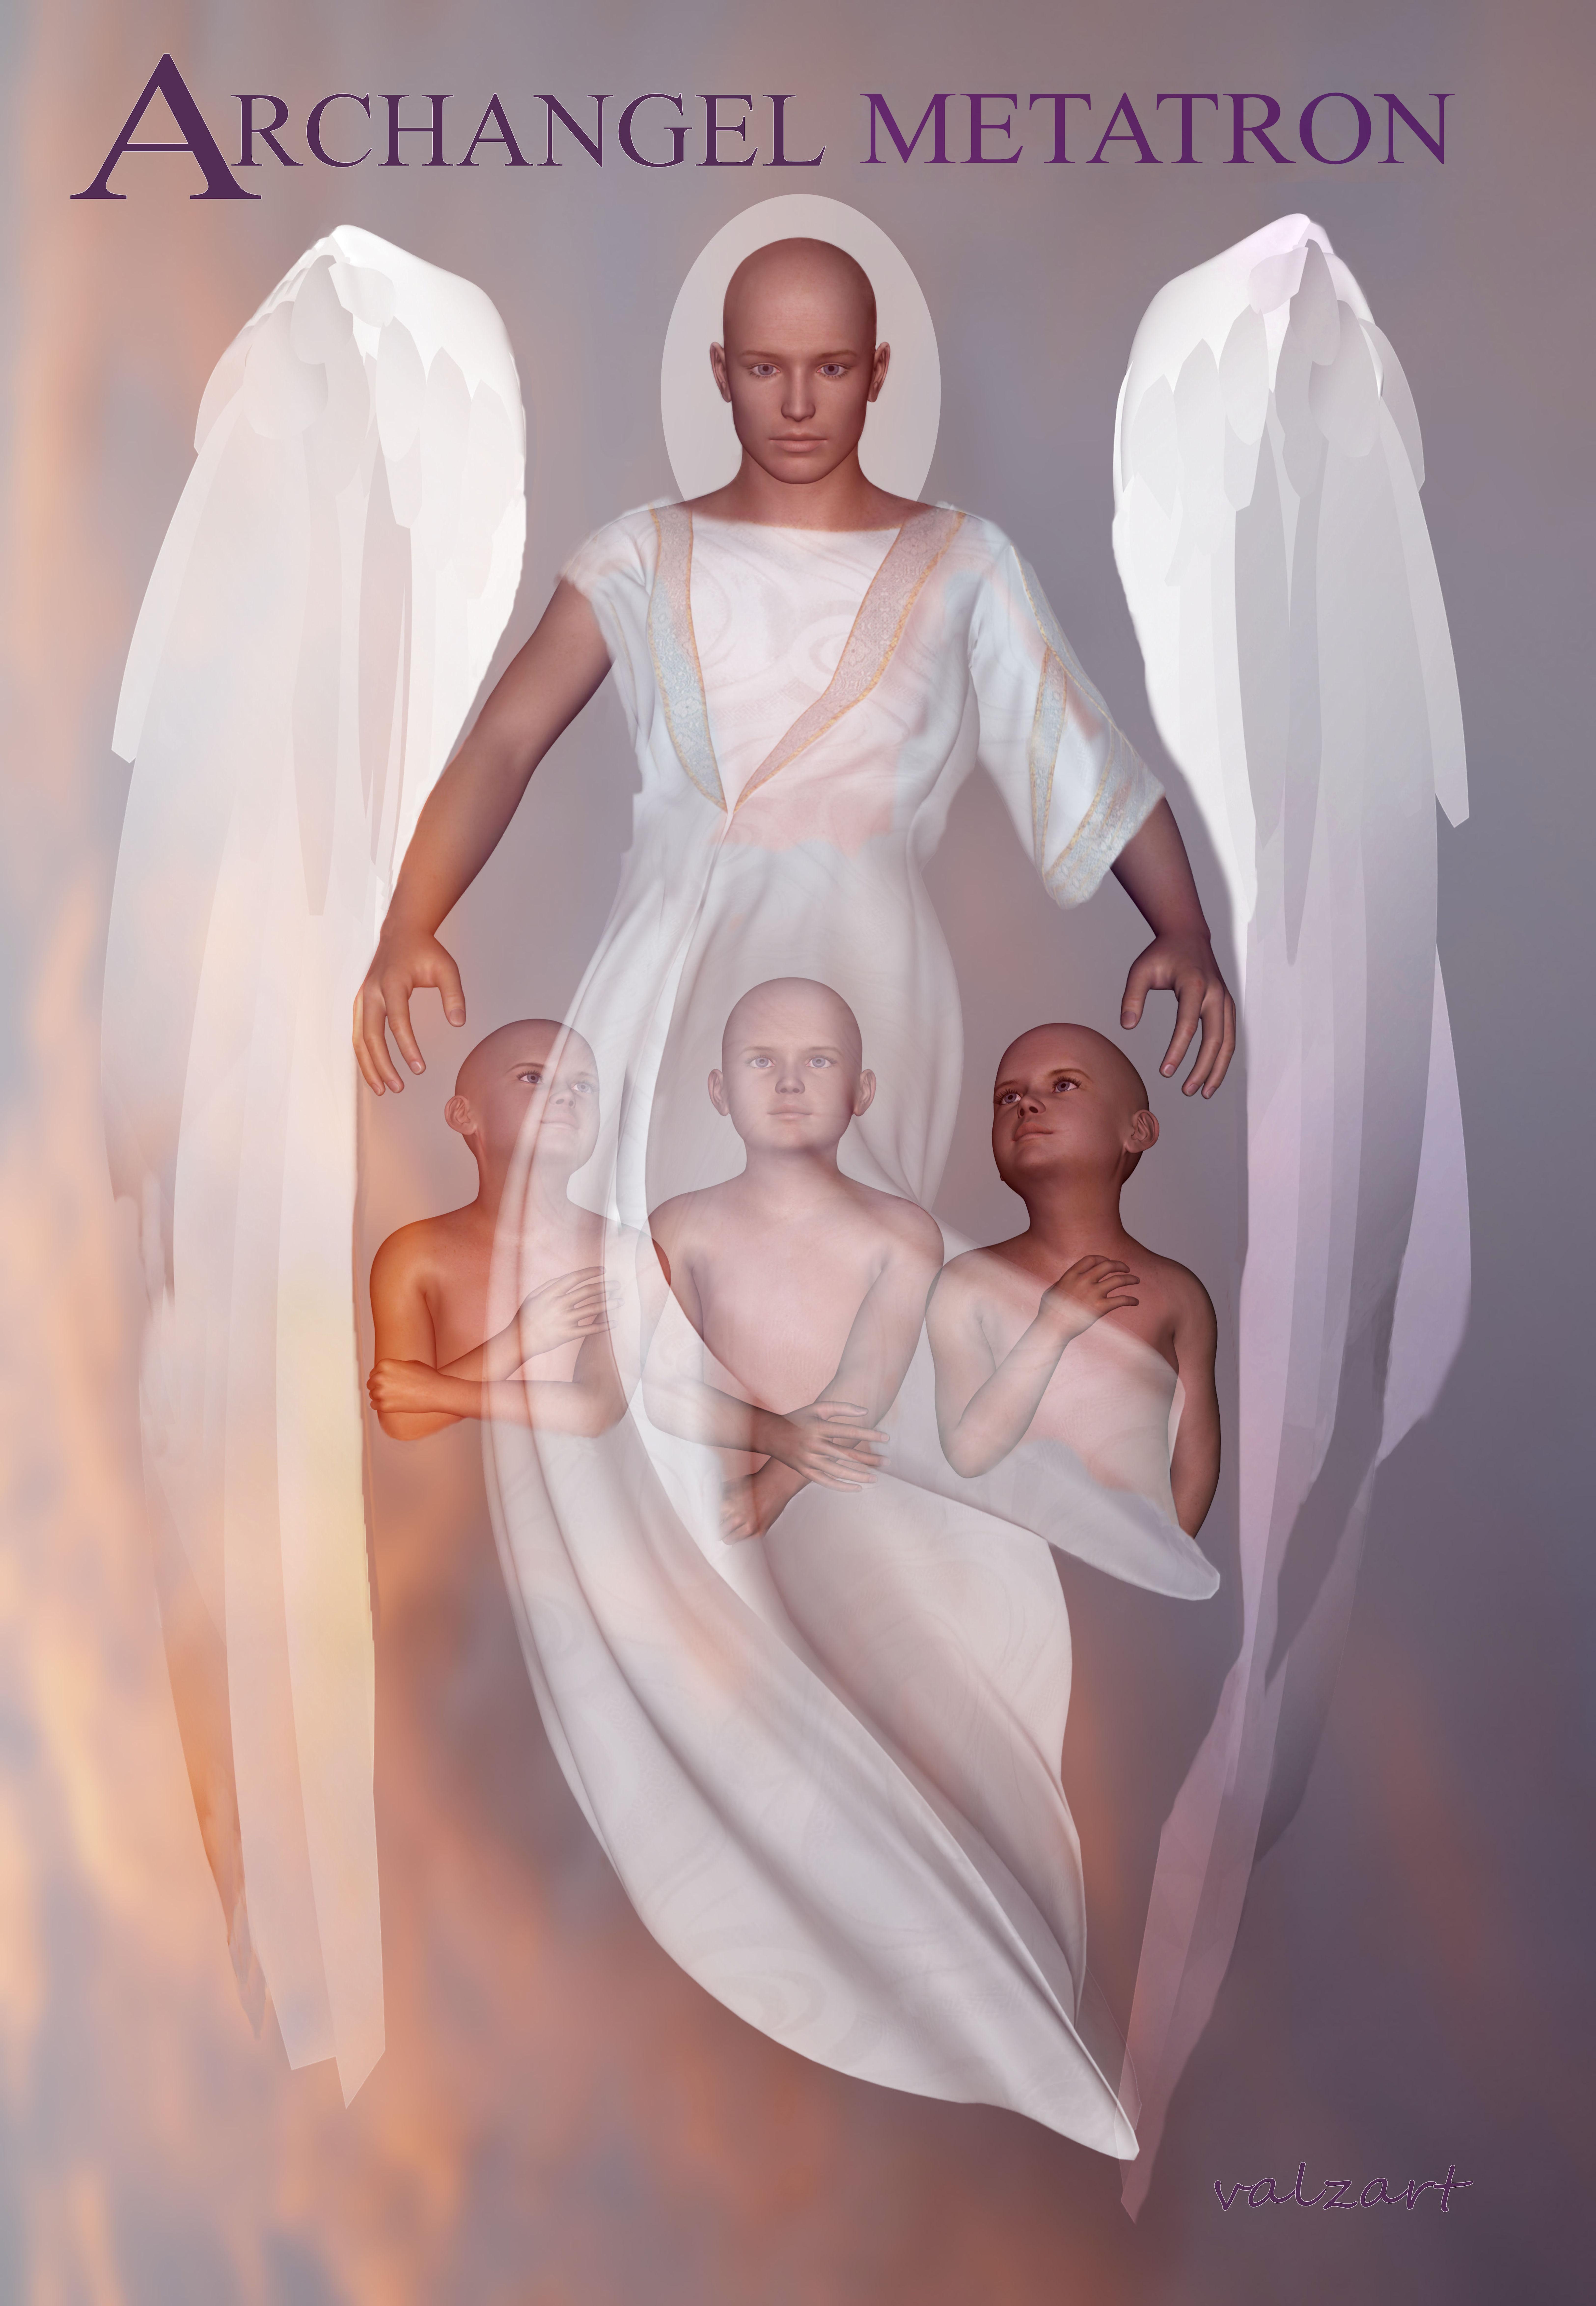 Archangel Metraton